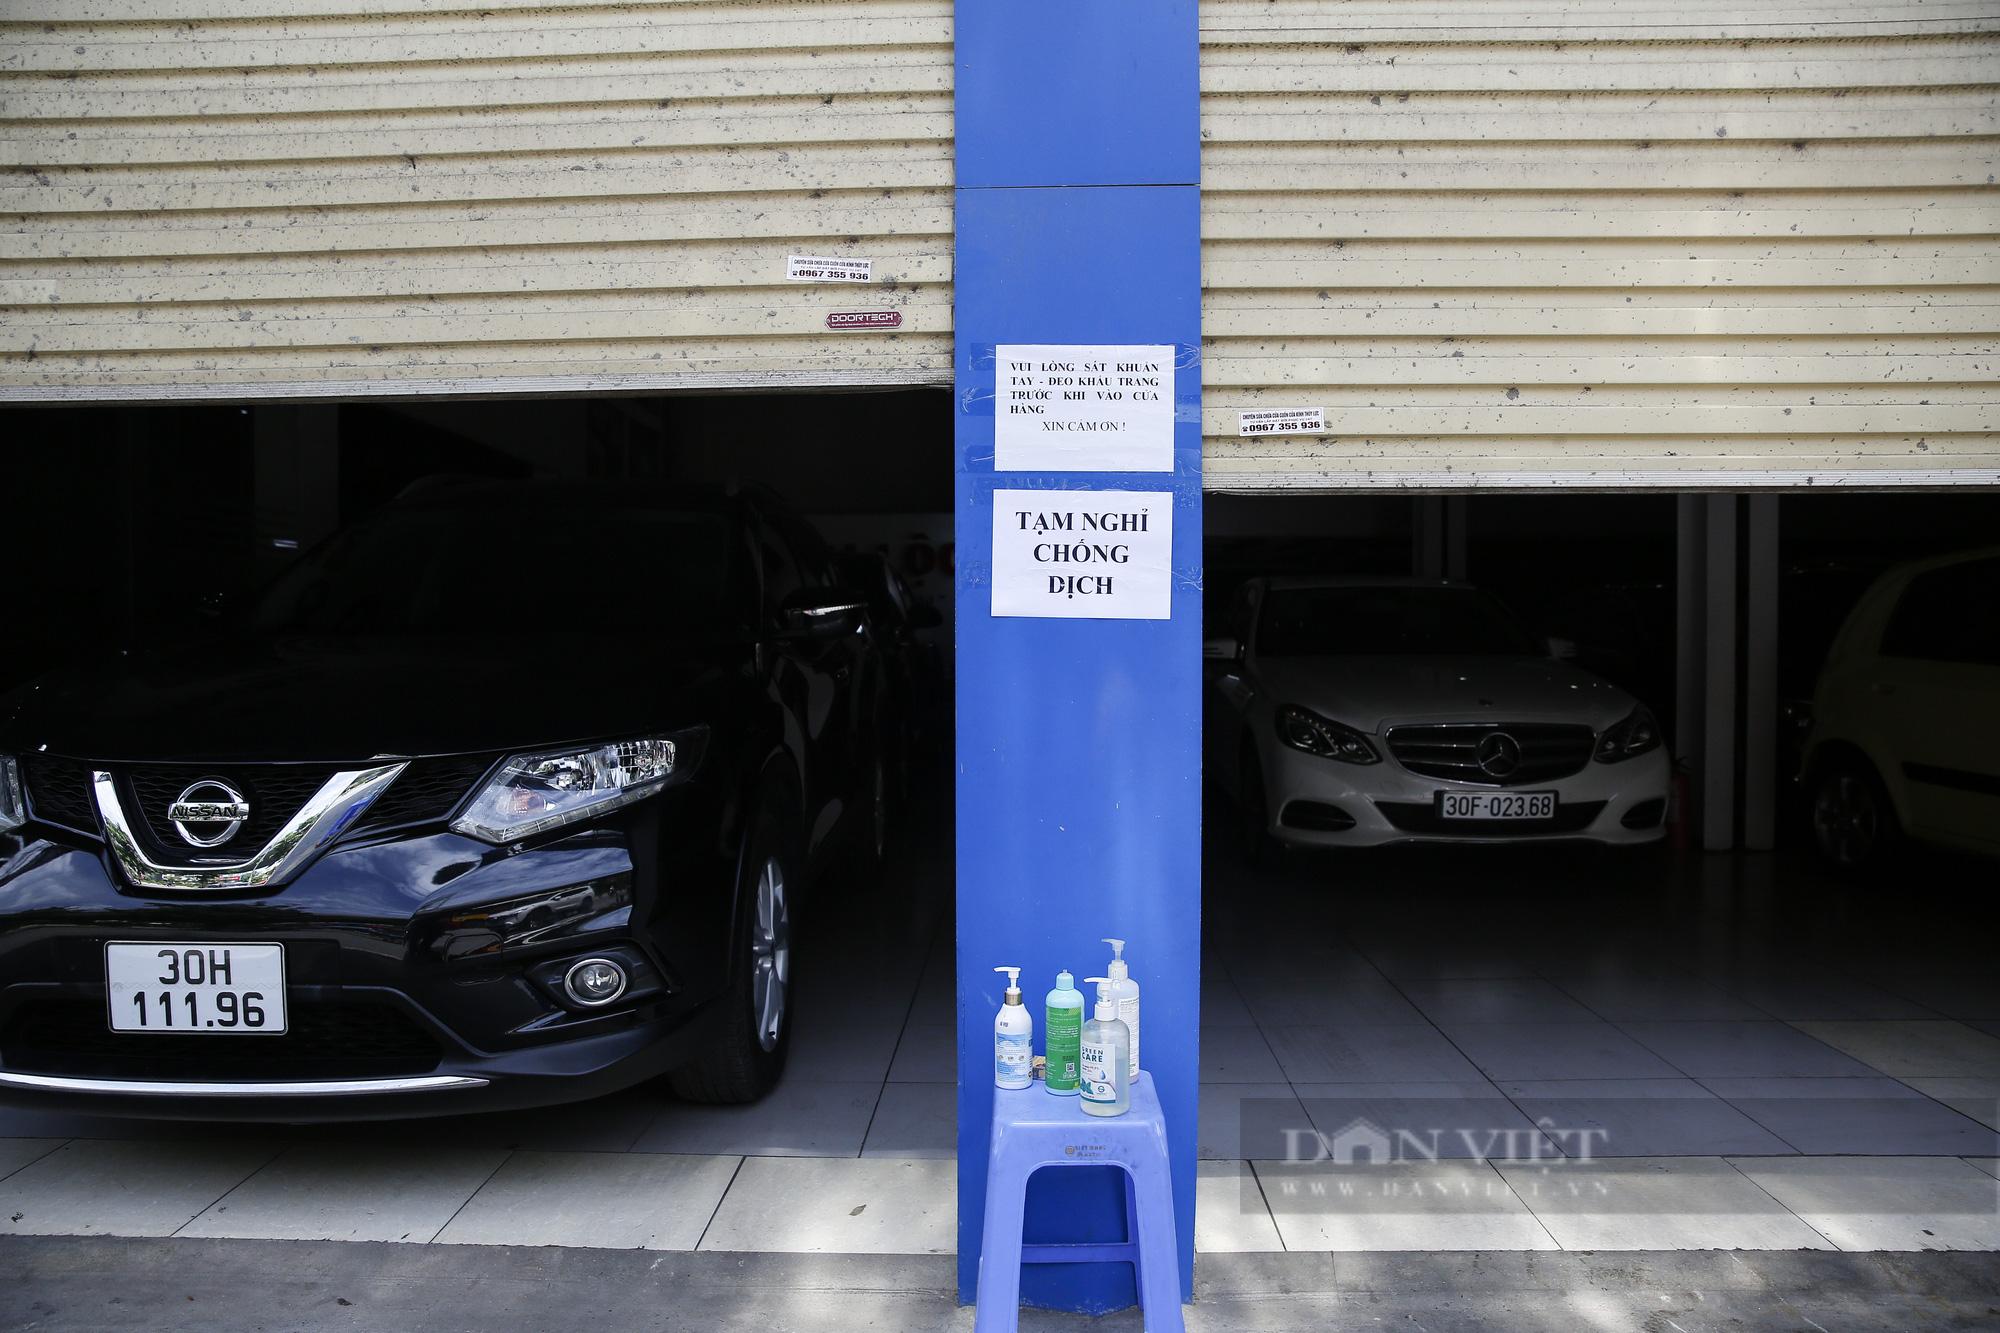 Hàng loạt showroom ô tô tại Hà Nội 'cửa đóng then cài' vì dịch Covid-19 - Ảnh 5.